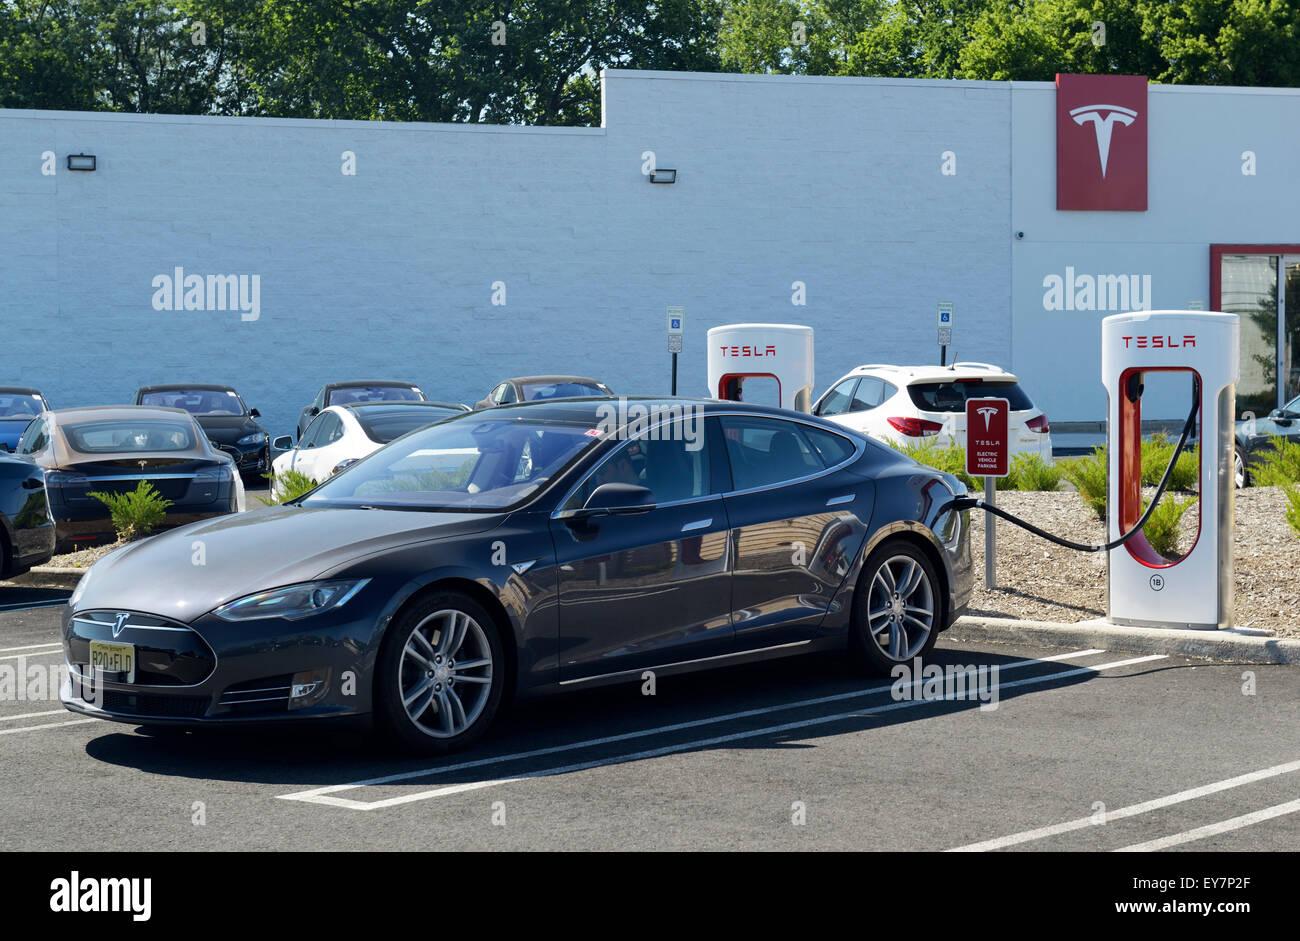 Ladestation mit einem Tesla Limousine Elektroauto eingesteckt. Tesla-Händler, Paramus, NJ Stockfoto